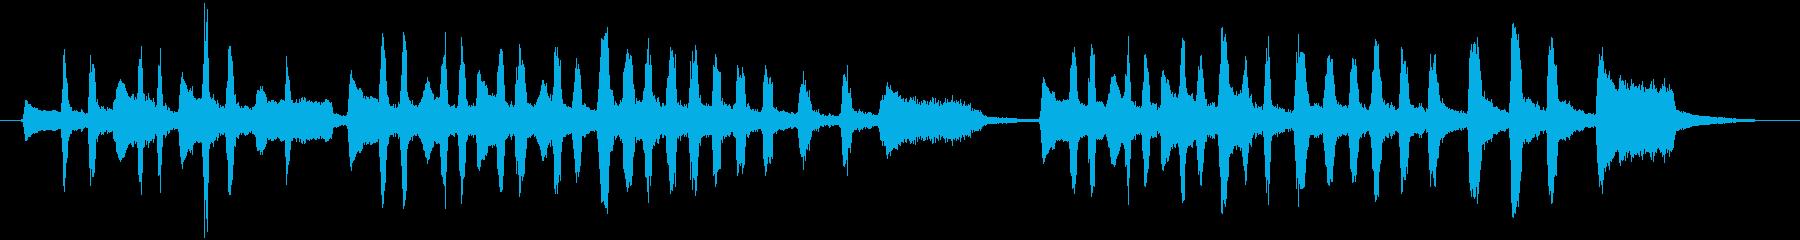 ワクワクするアコーディオンの小曲の再生済みの波形